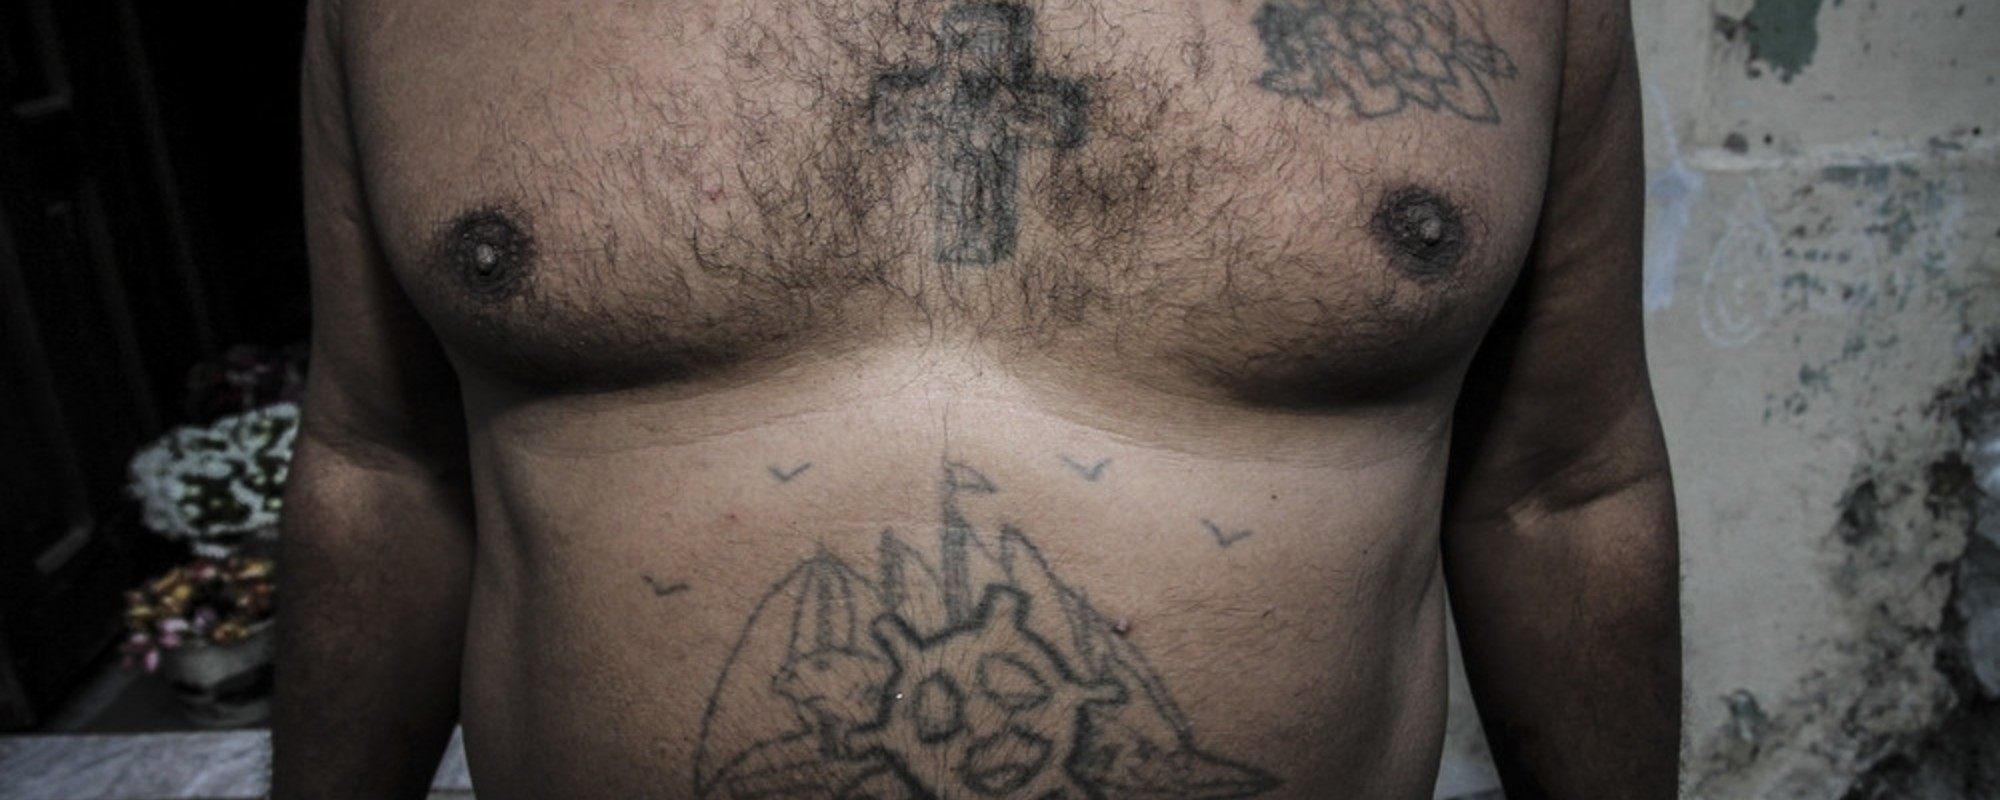 Fotografii cu tatuaje ilegale cubaneze